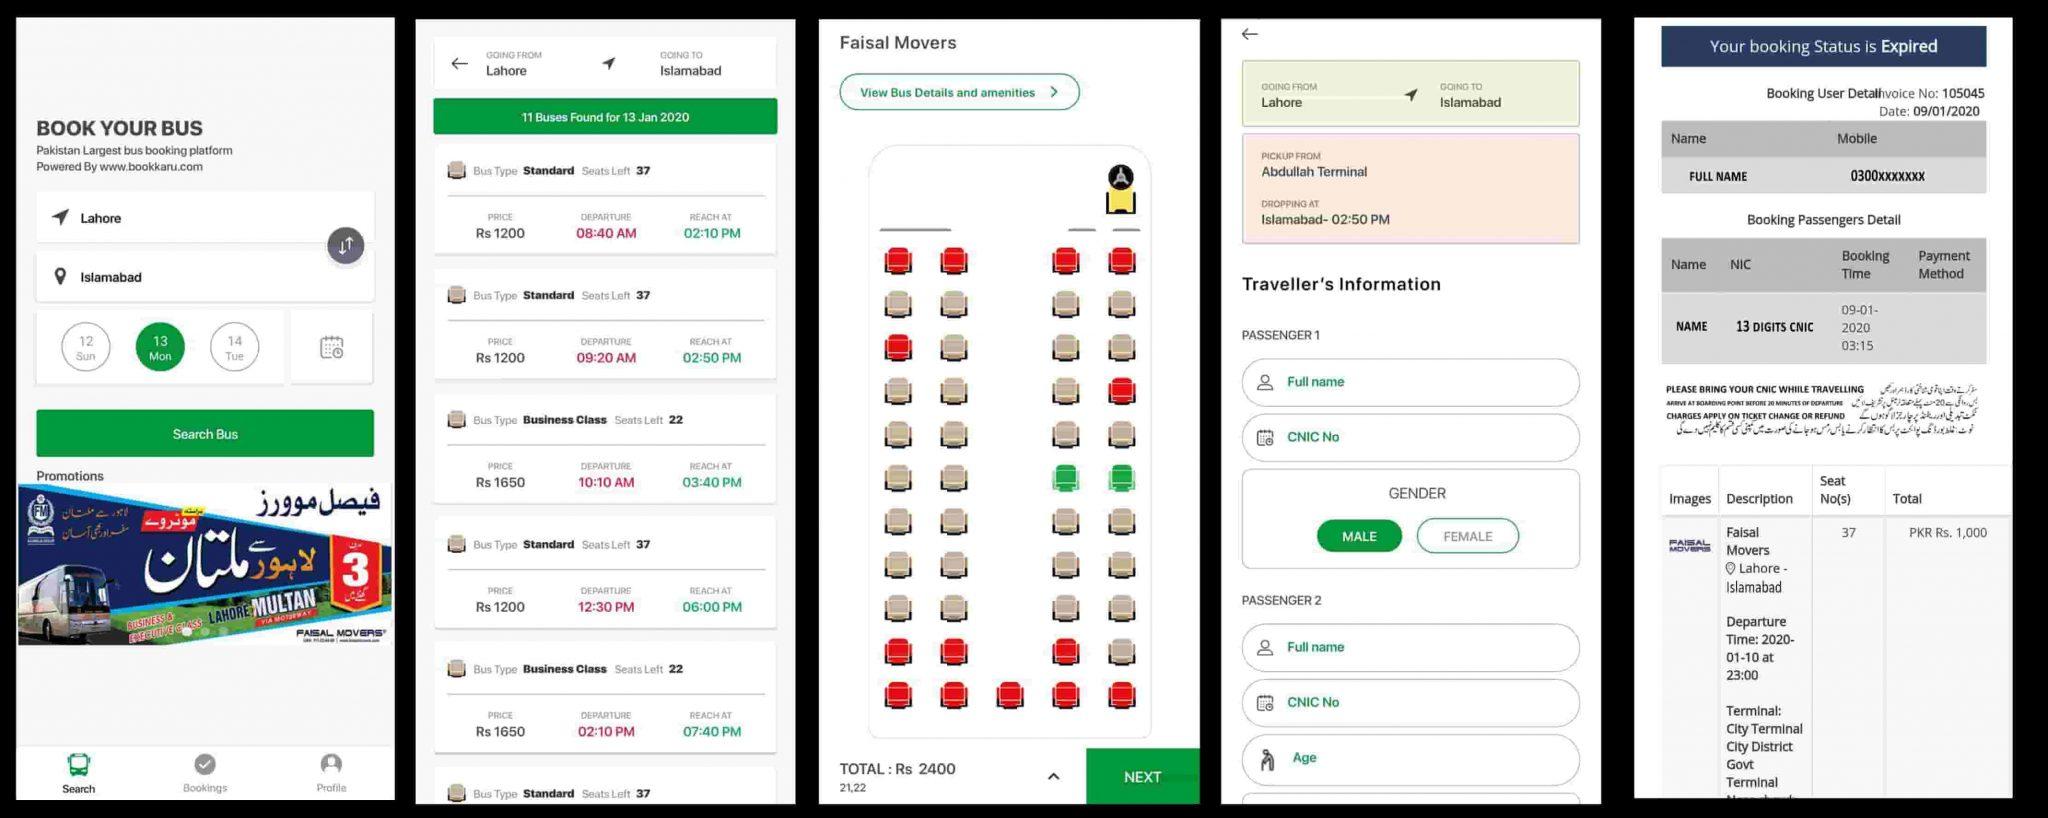 faisal mvoers online booking apps